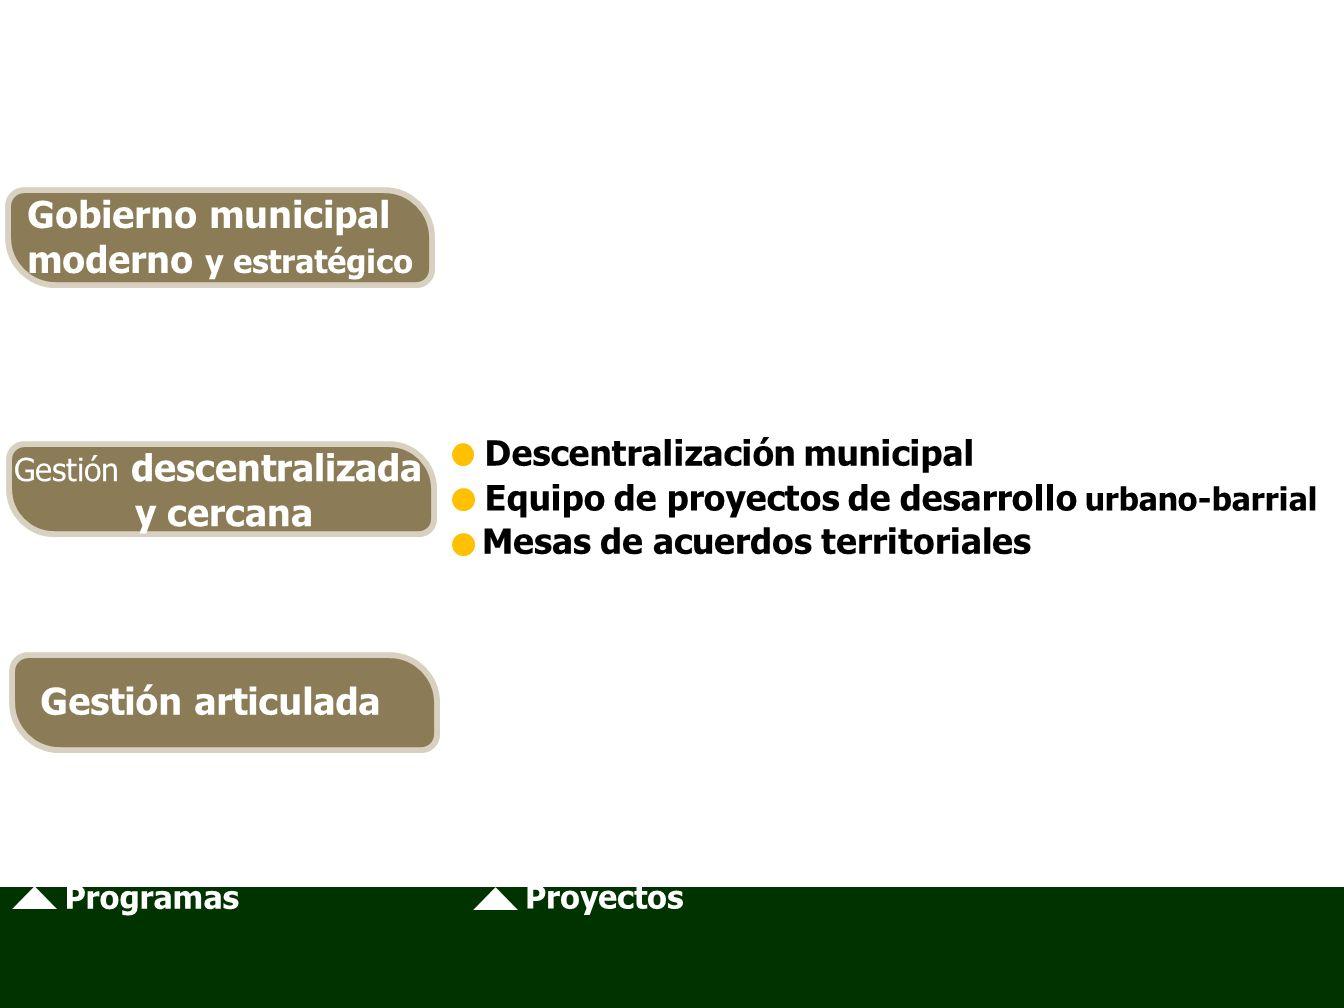 Programas Proyectos Descentralización municipal Equipo de proyectos de desarrollo urbano-barrial Mesas de acuerdos territoriales Gobierno municipal moderno y estratégico Gestión descentralizada y cercana Gestión articulada